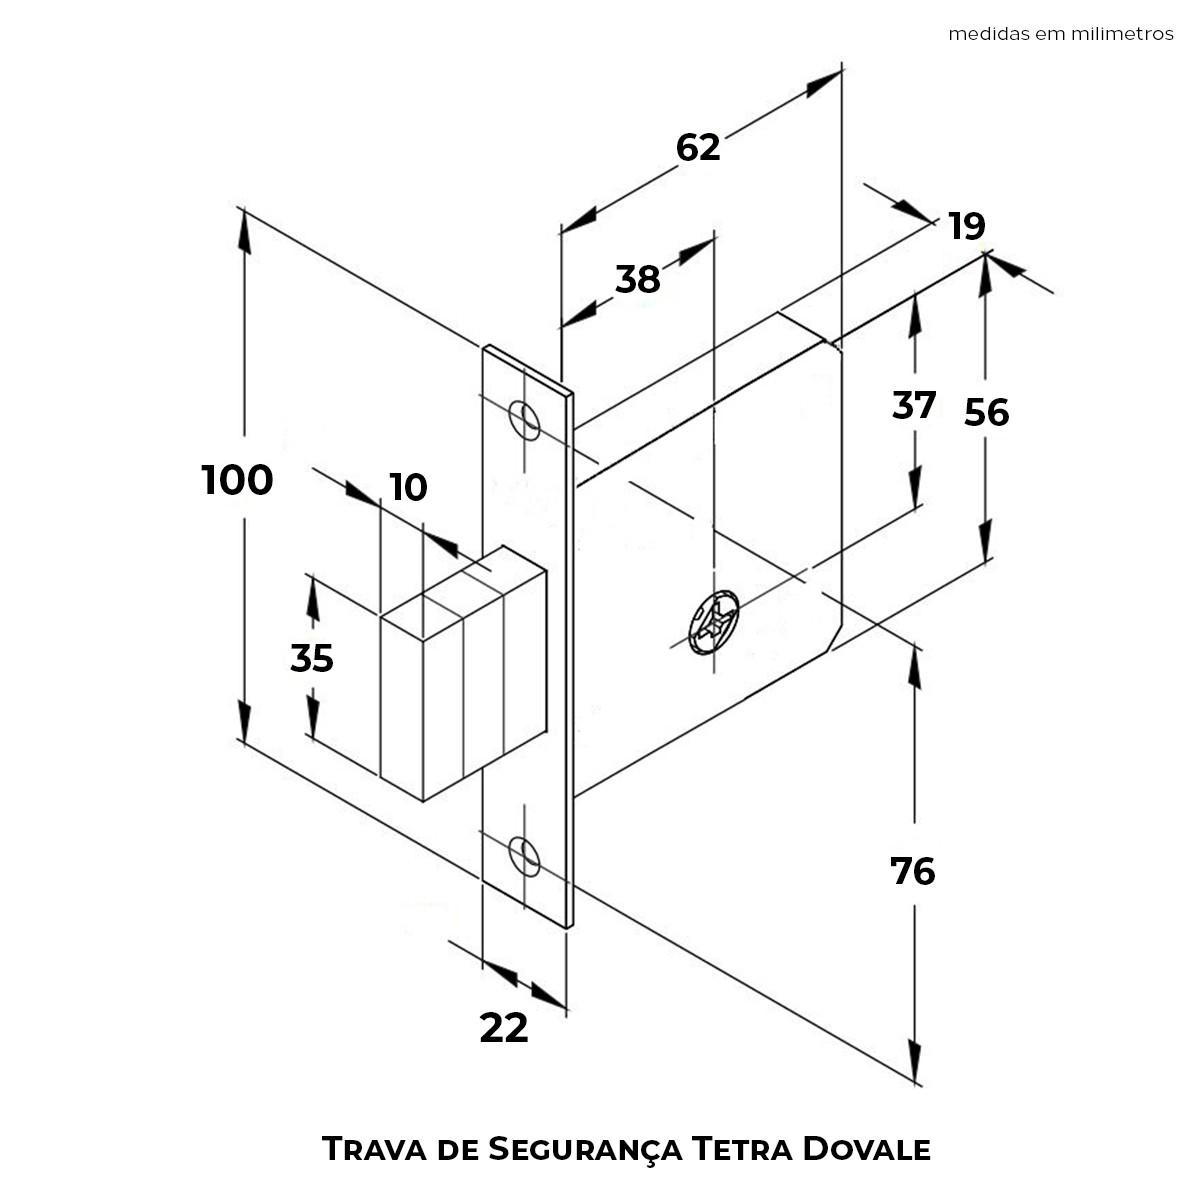 Trava de Segurança Tetra Dovale Par CR Cil. e Chave latão - 79401